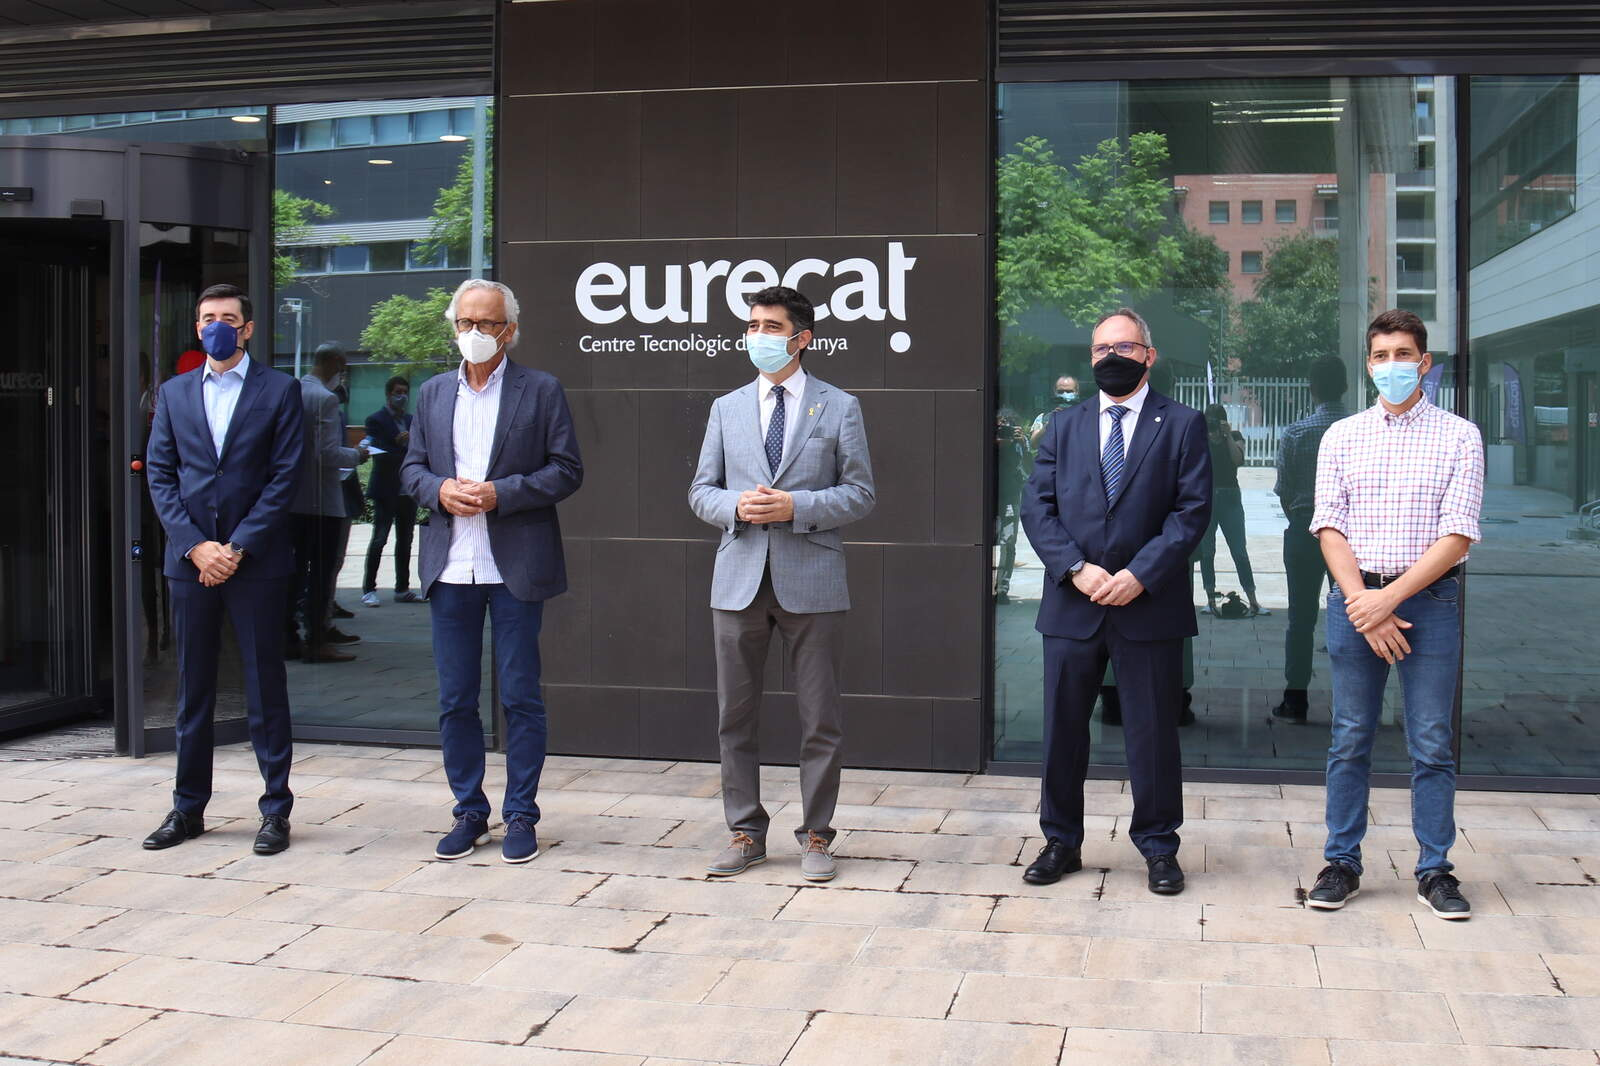 Jordi Puigneró, Oriol Mitjà i Bonaventura Clotet han estat entre els participants de la presentació a la seu de l'Eurecat